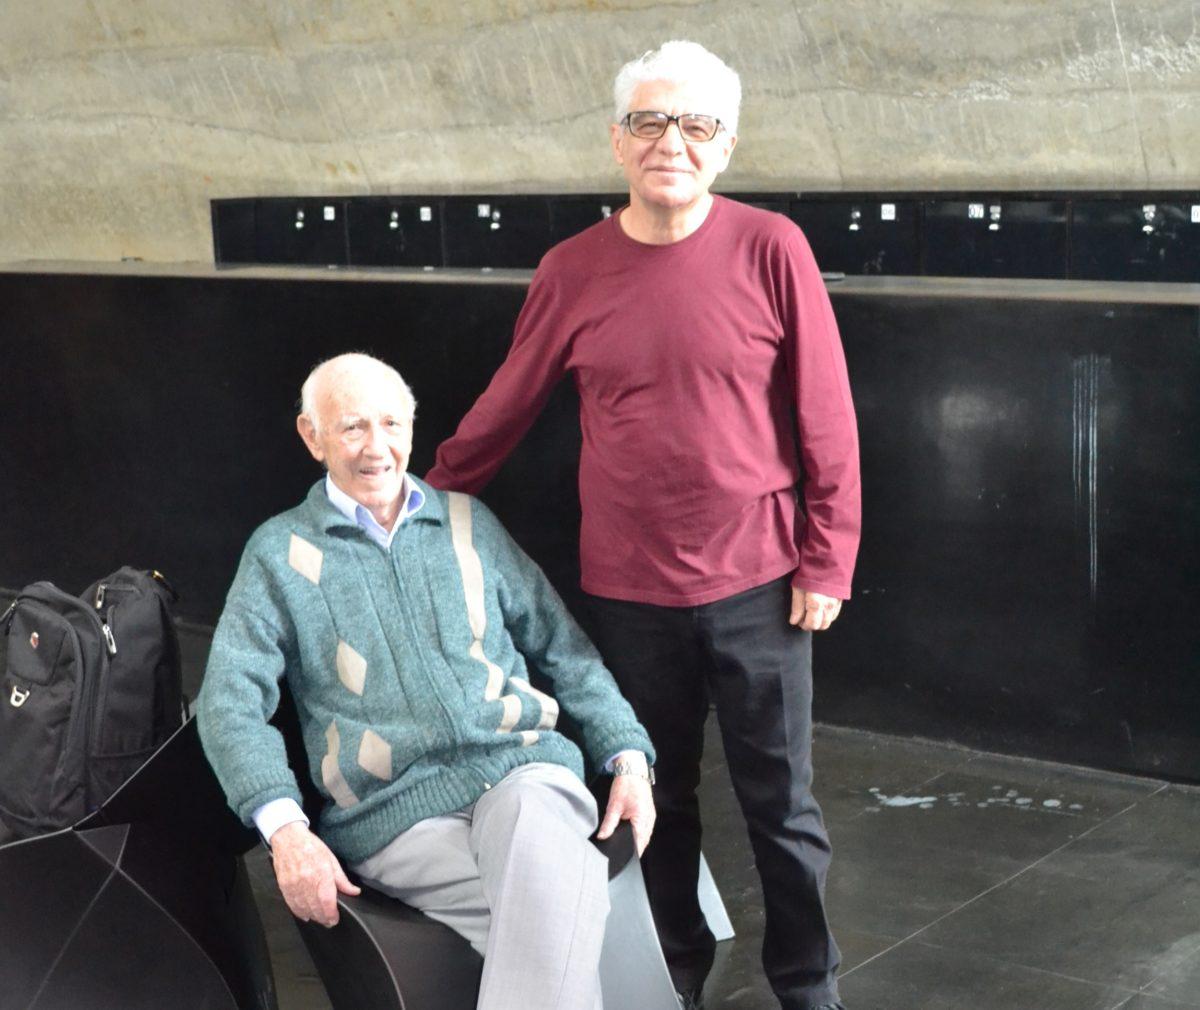 O Artista Plástico Franco de Rosa, sócio Fundador do CEADS, ao lado do Sr. Juca Fagundes, Colaborador do site do CEADS.